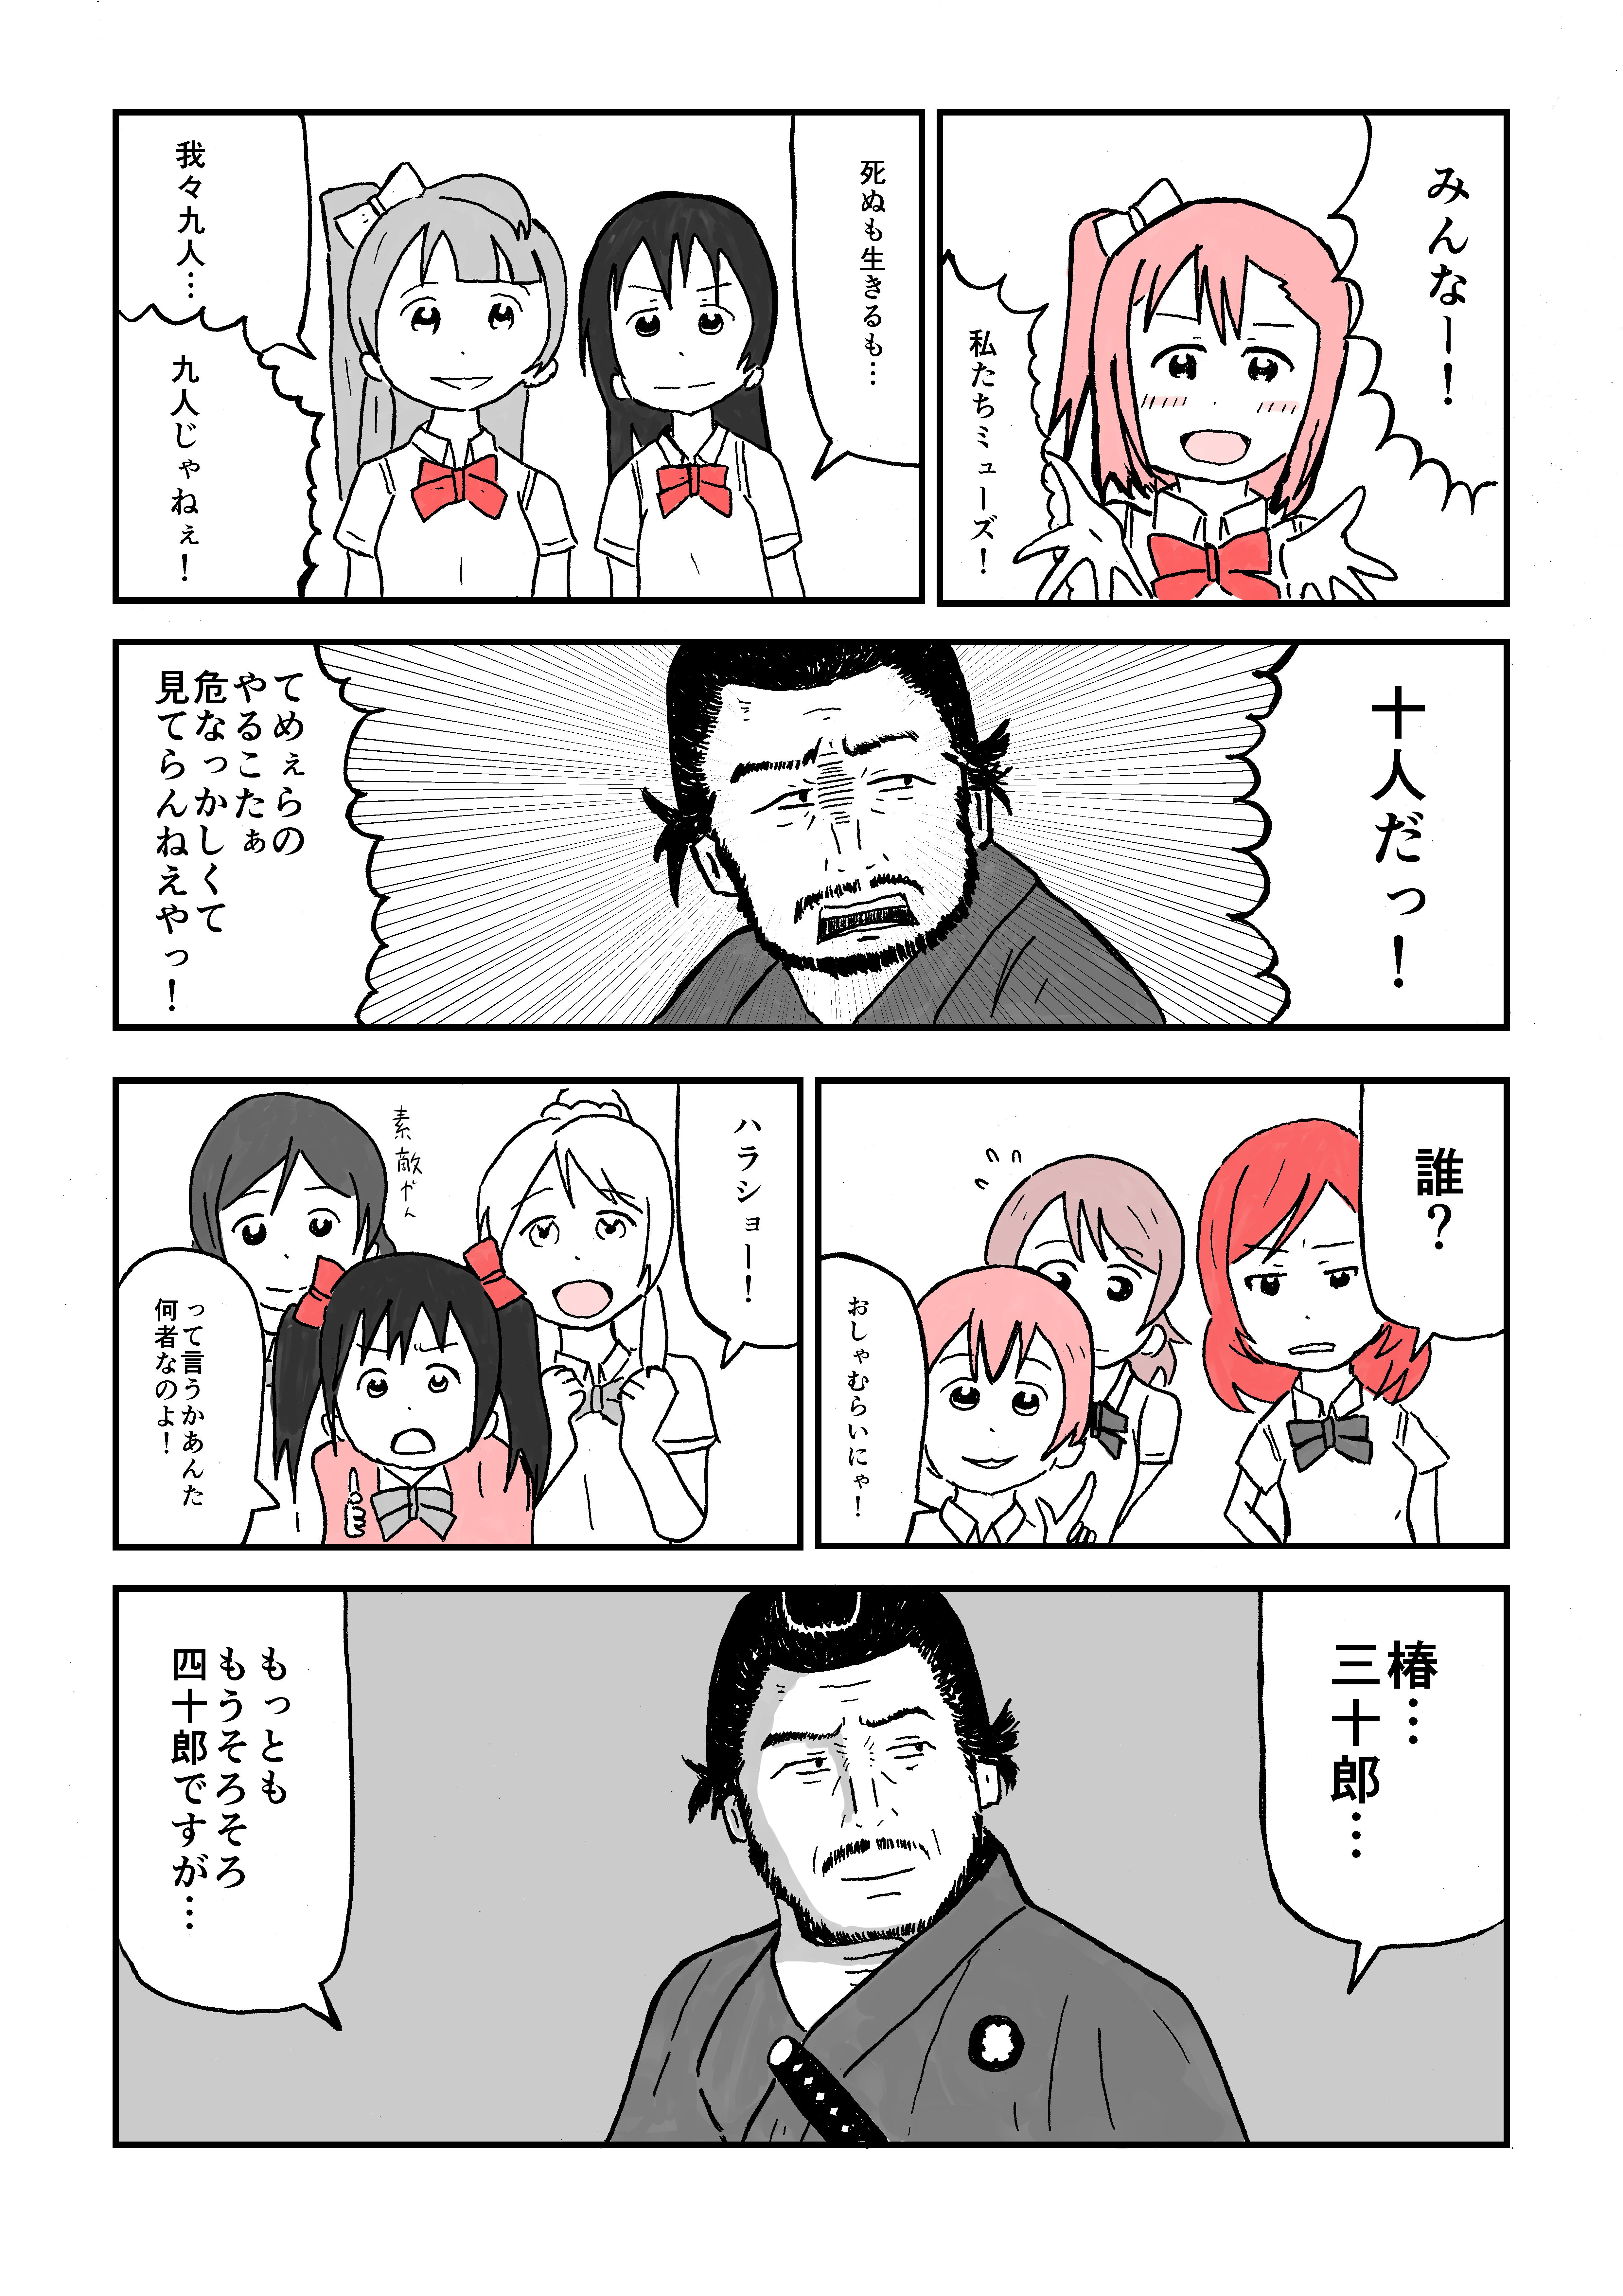 ラブライブ漫画_001